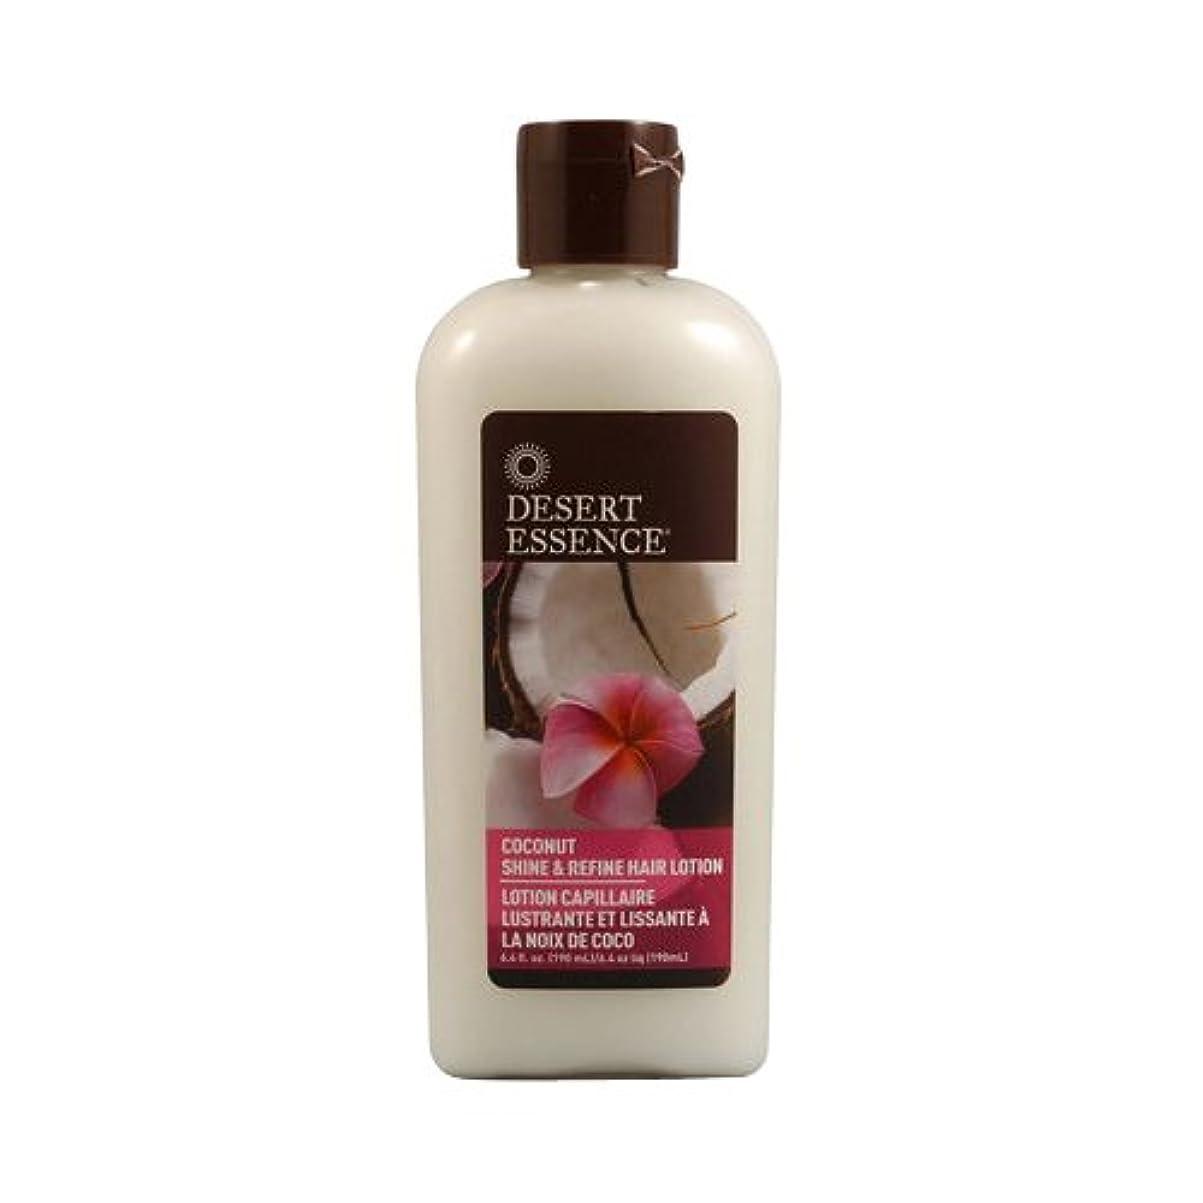 発行するハリケーン世界の窓海外直送品 Desert Essence Coconut Shine & Refine Hair Lotion, 6.4 OZ